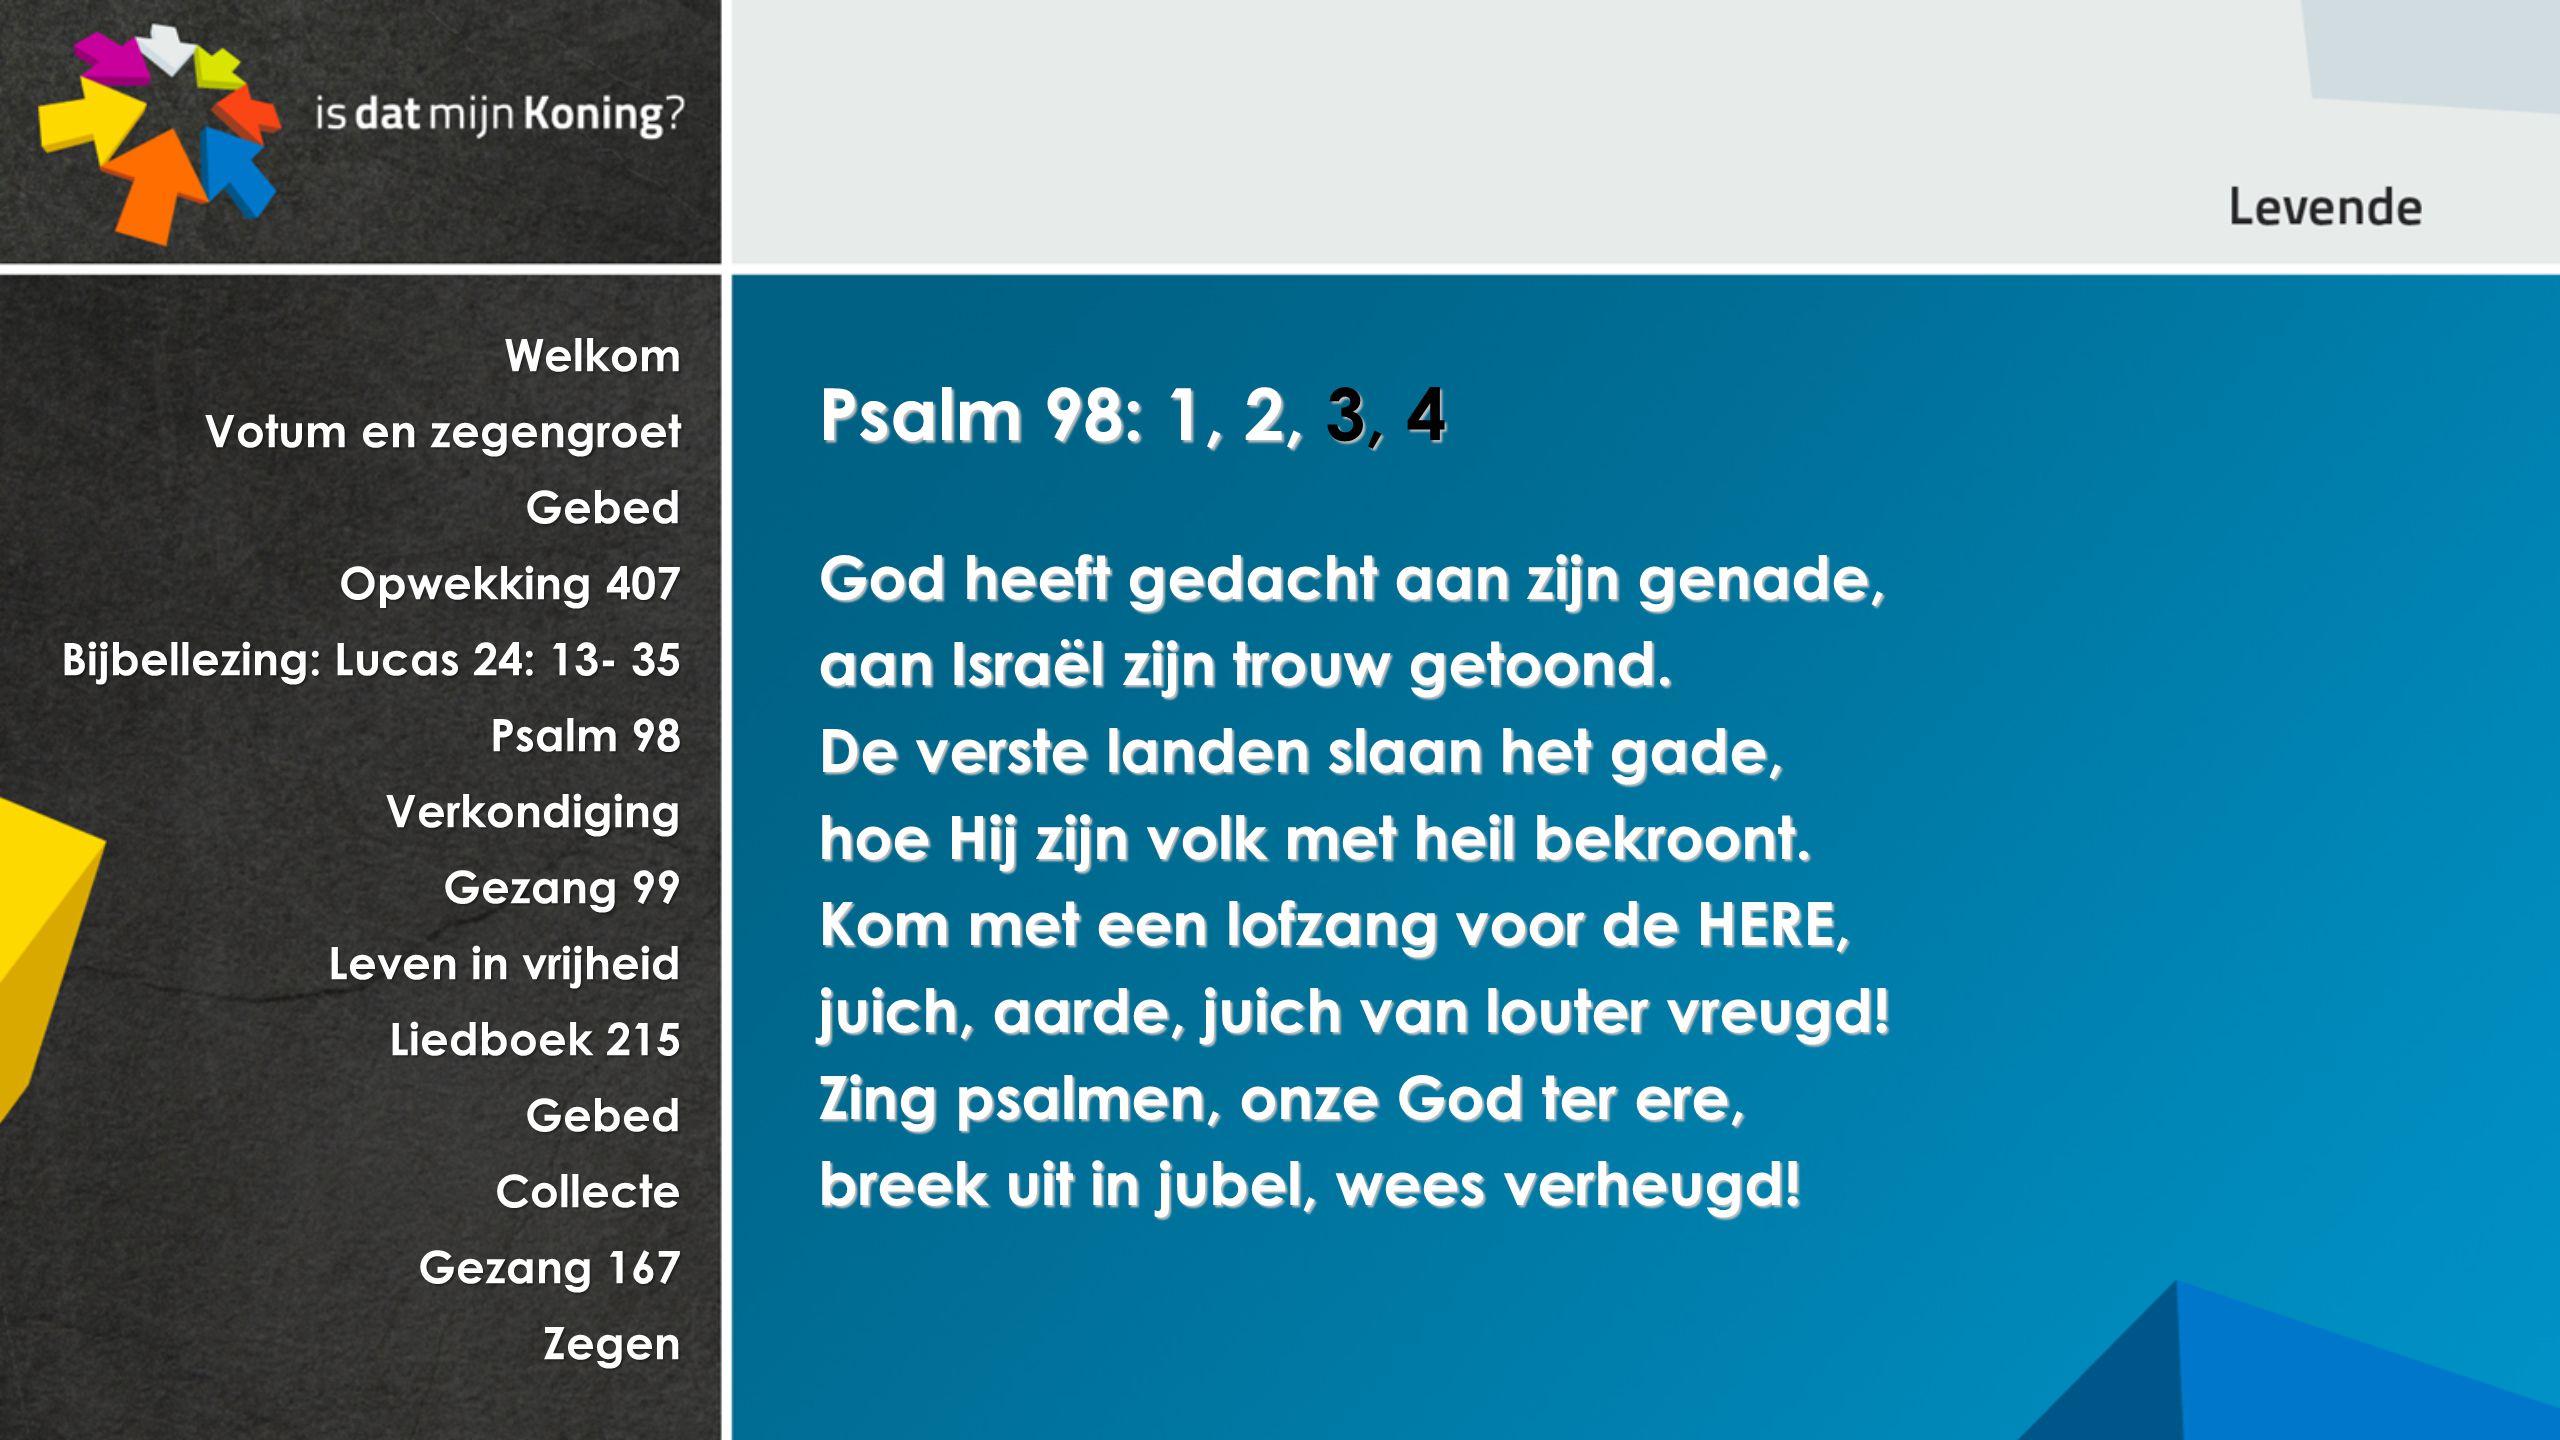 Welkom Votum en zegengroet Gebed Opwekking 407 Bijbellezing: Lucas 24: 13- 35 Psalm 98 Verkondiging Gezang 99 Leven in vrijheid Liedboek 215 GebedCollecte Gezang 167 Zegen Psalm 98: 1, 2, 3, 4 God heeft gedacht aan zijn genade, aan Israël zijn trouw getoond.